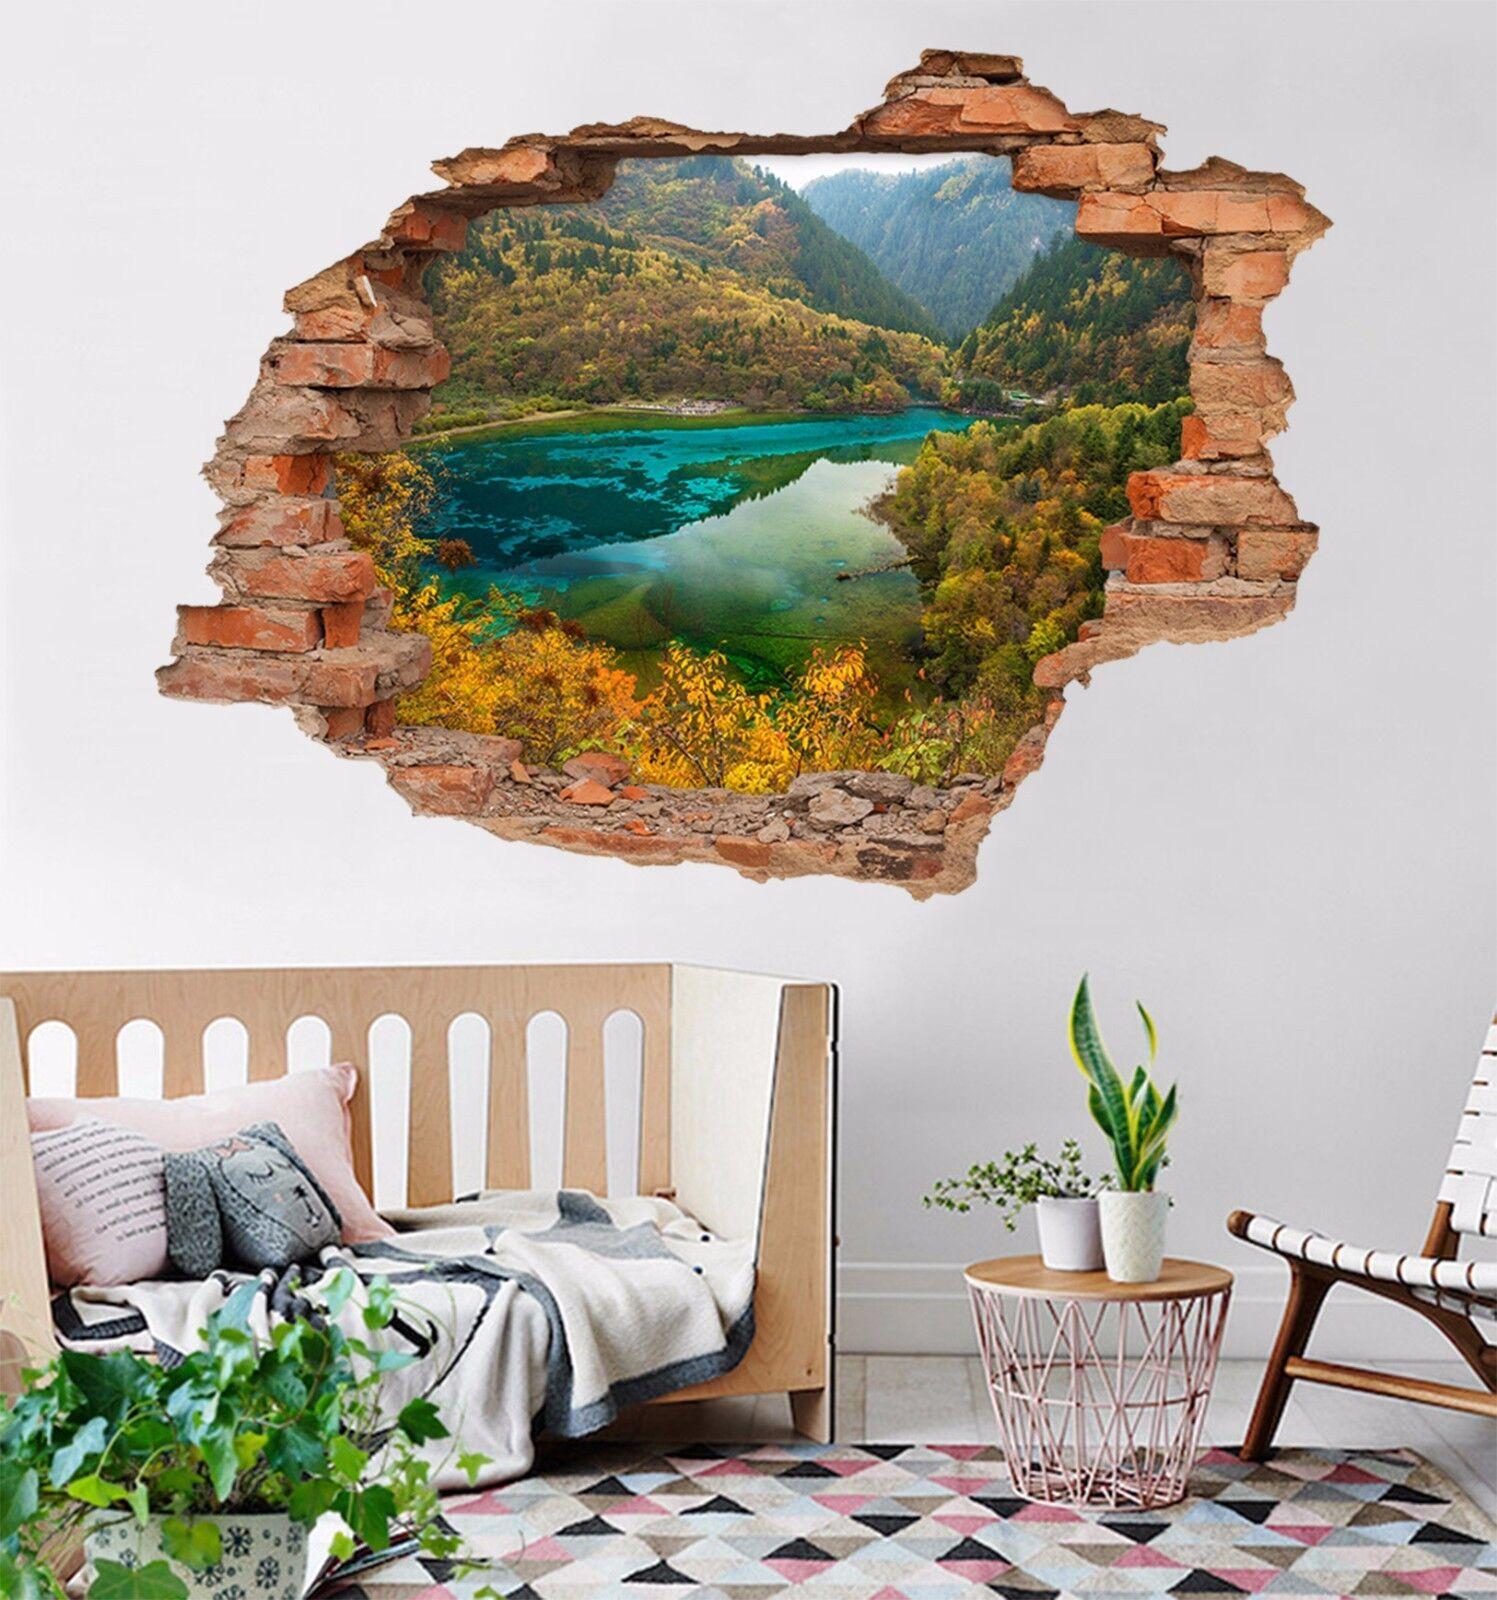 3D Natur Fluss 7444 Mauer Murals Mauer Aufklebe Decal Durchbruch AJ WALLPAPER DE